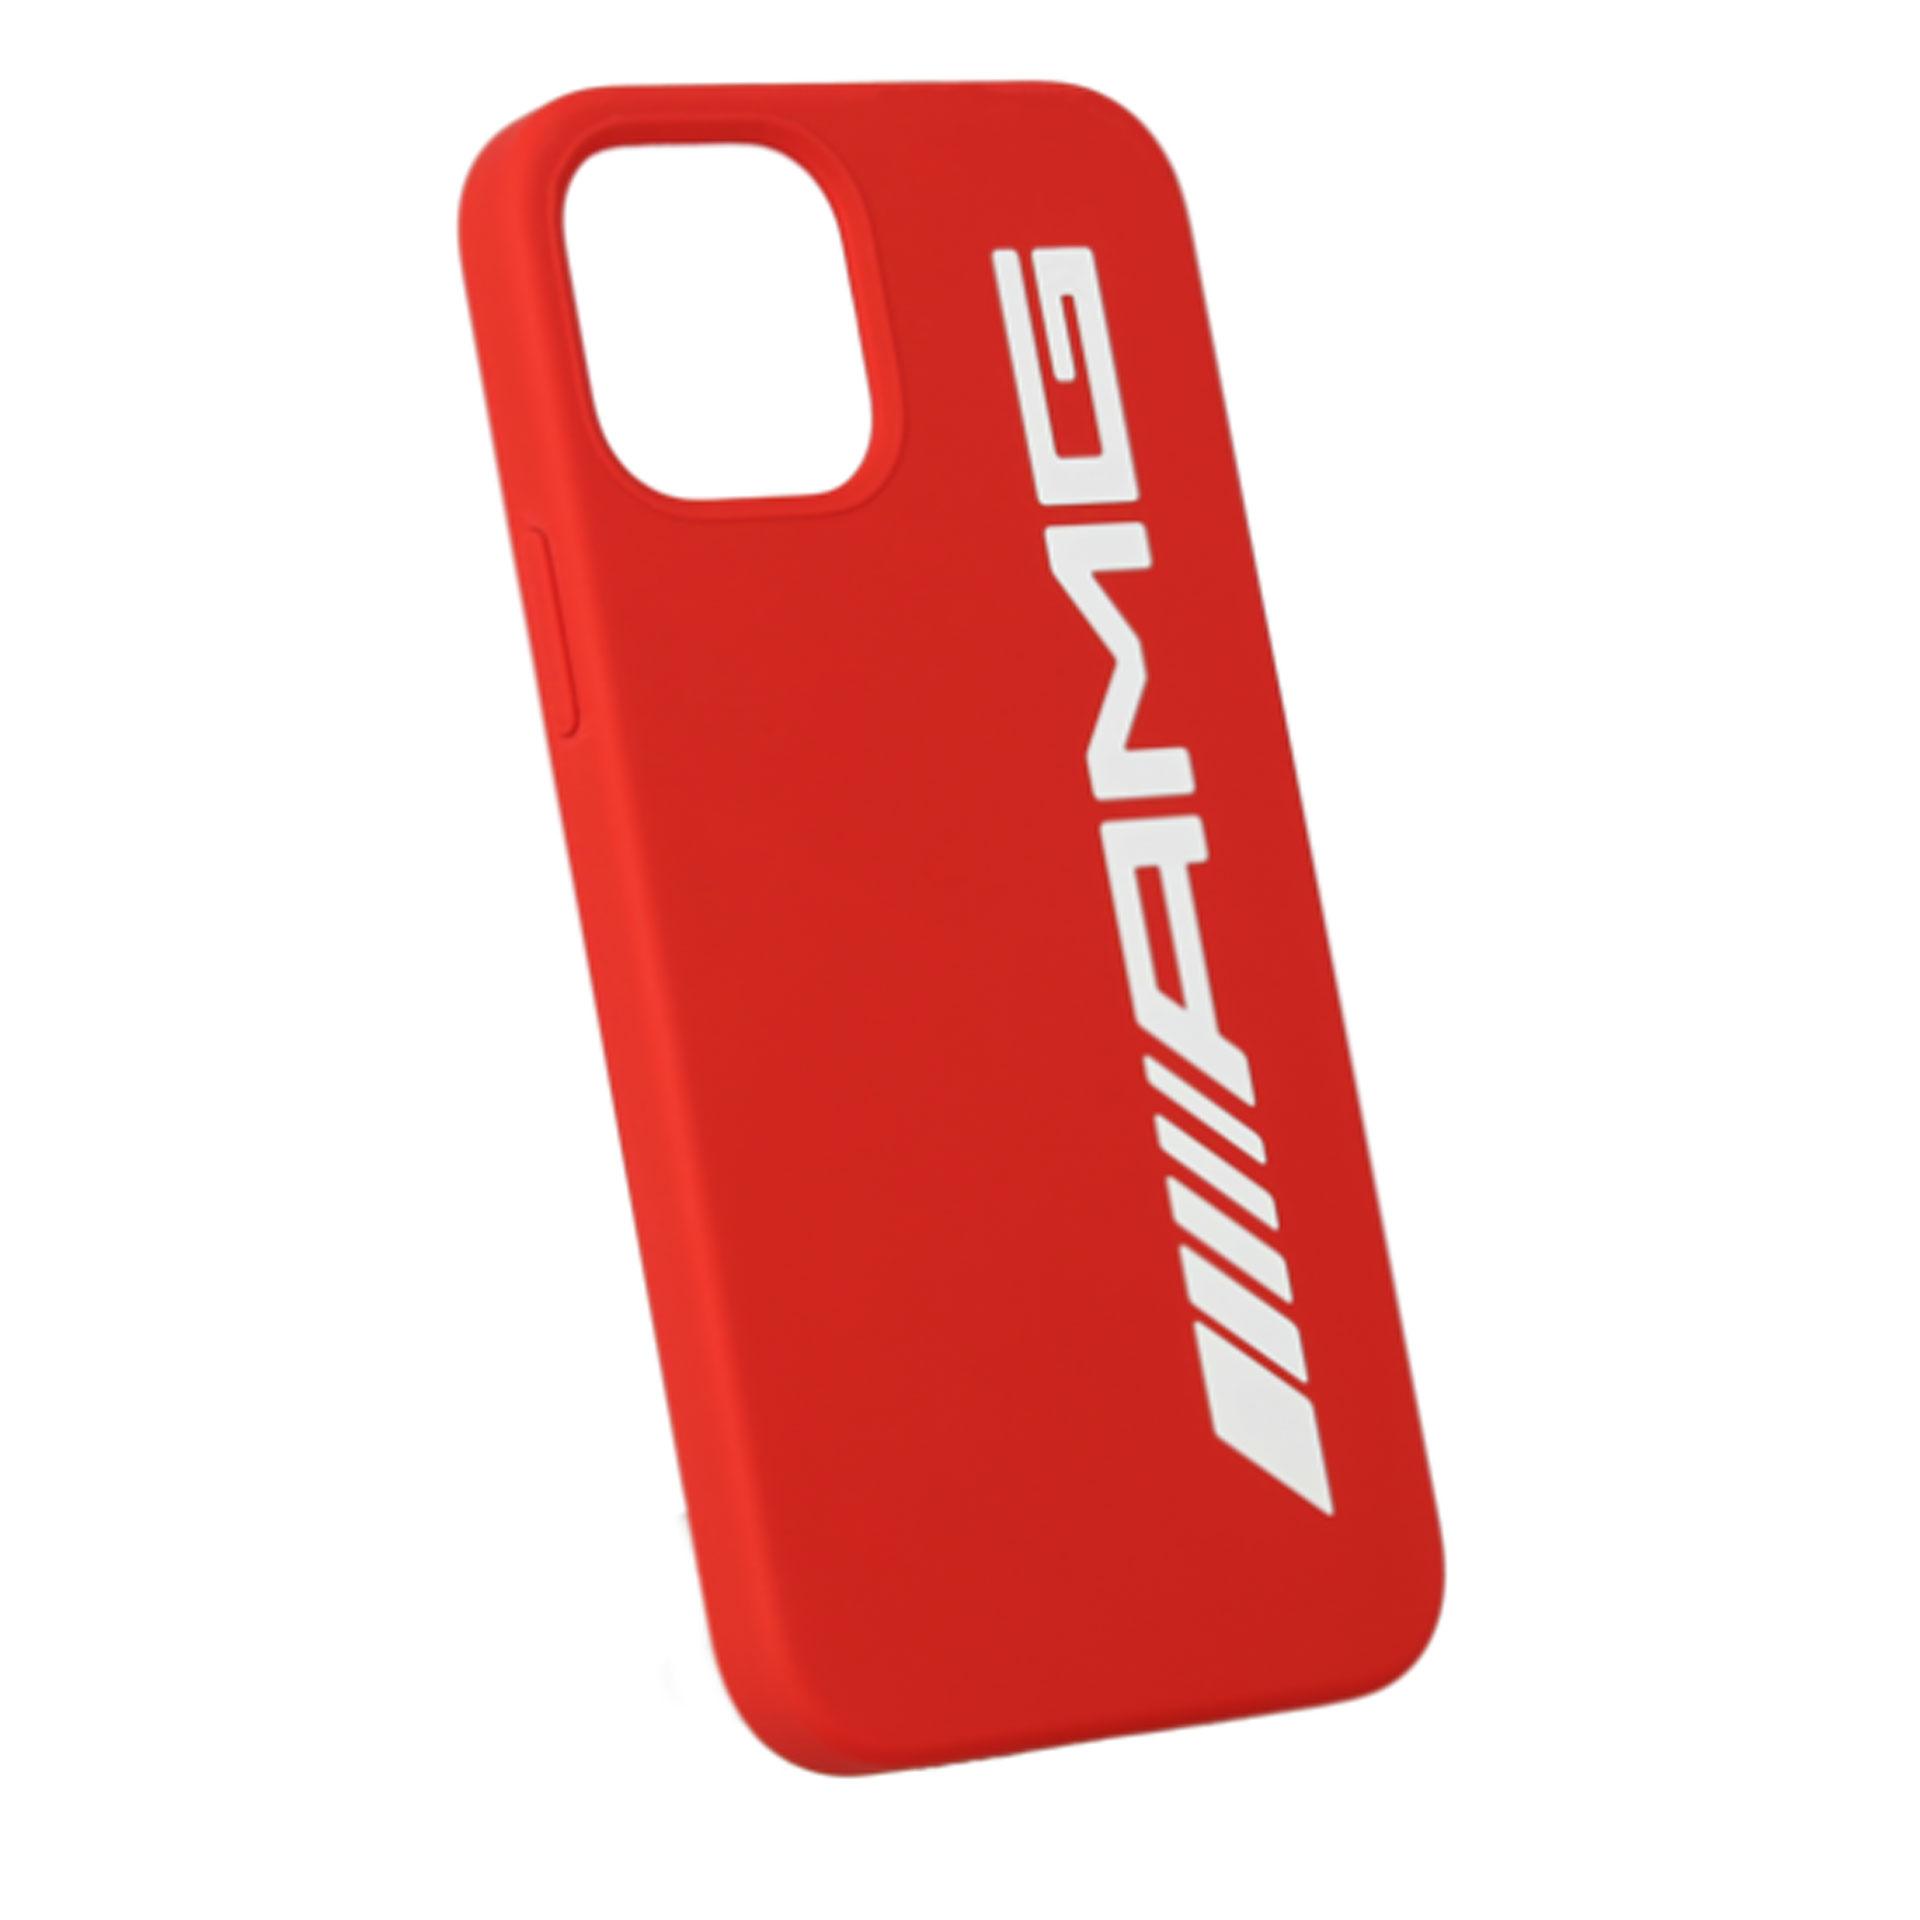 Mercedes-AMG Handyhülle für iPhone® 12 Pro/iPhone® 12 rot weiß